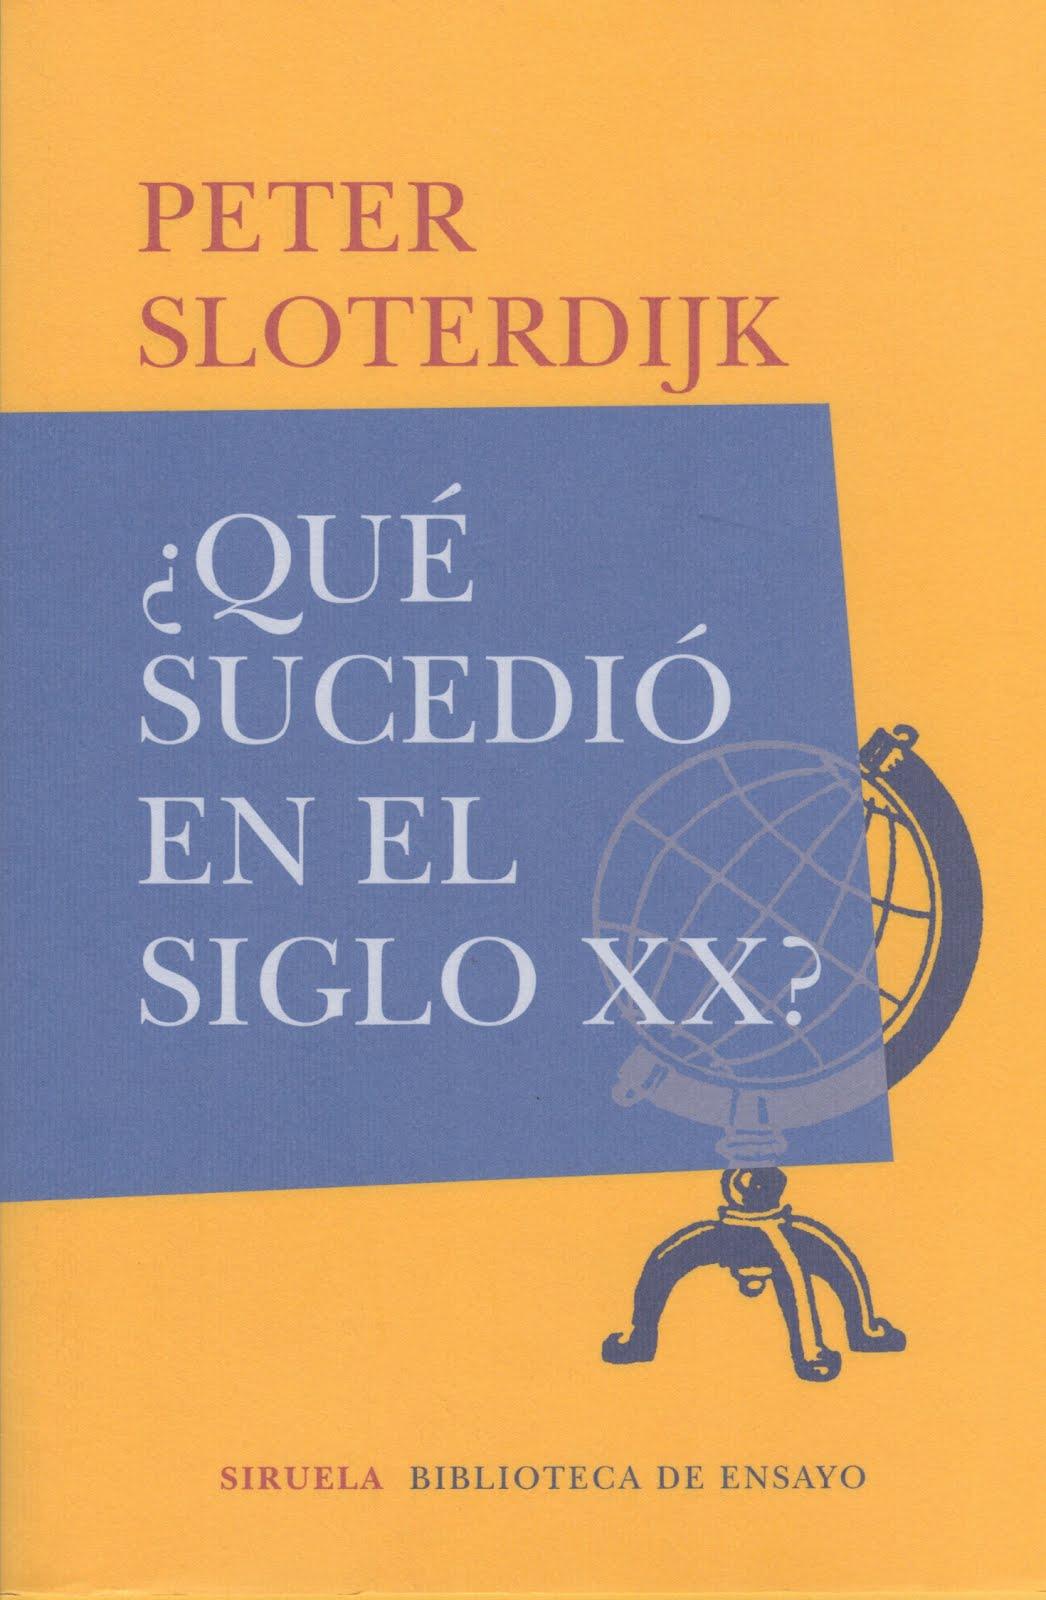 Peter Sloterdijk (¿Qué sucedió en el siglo XX?)